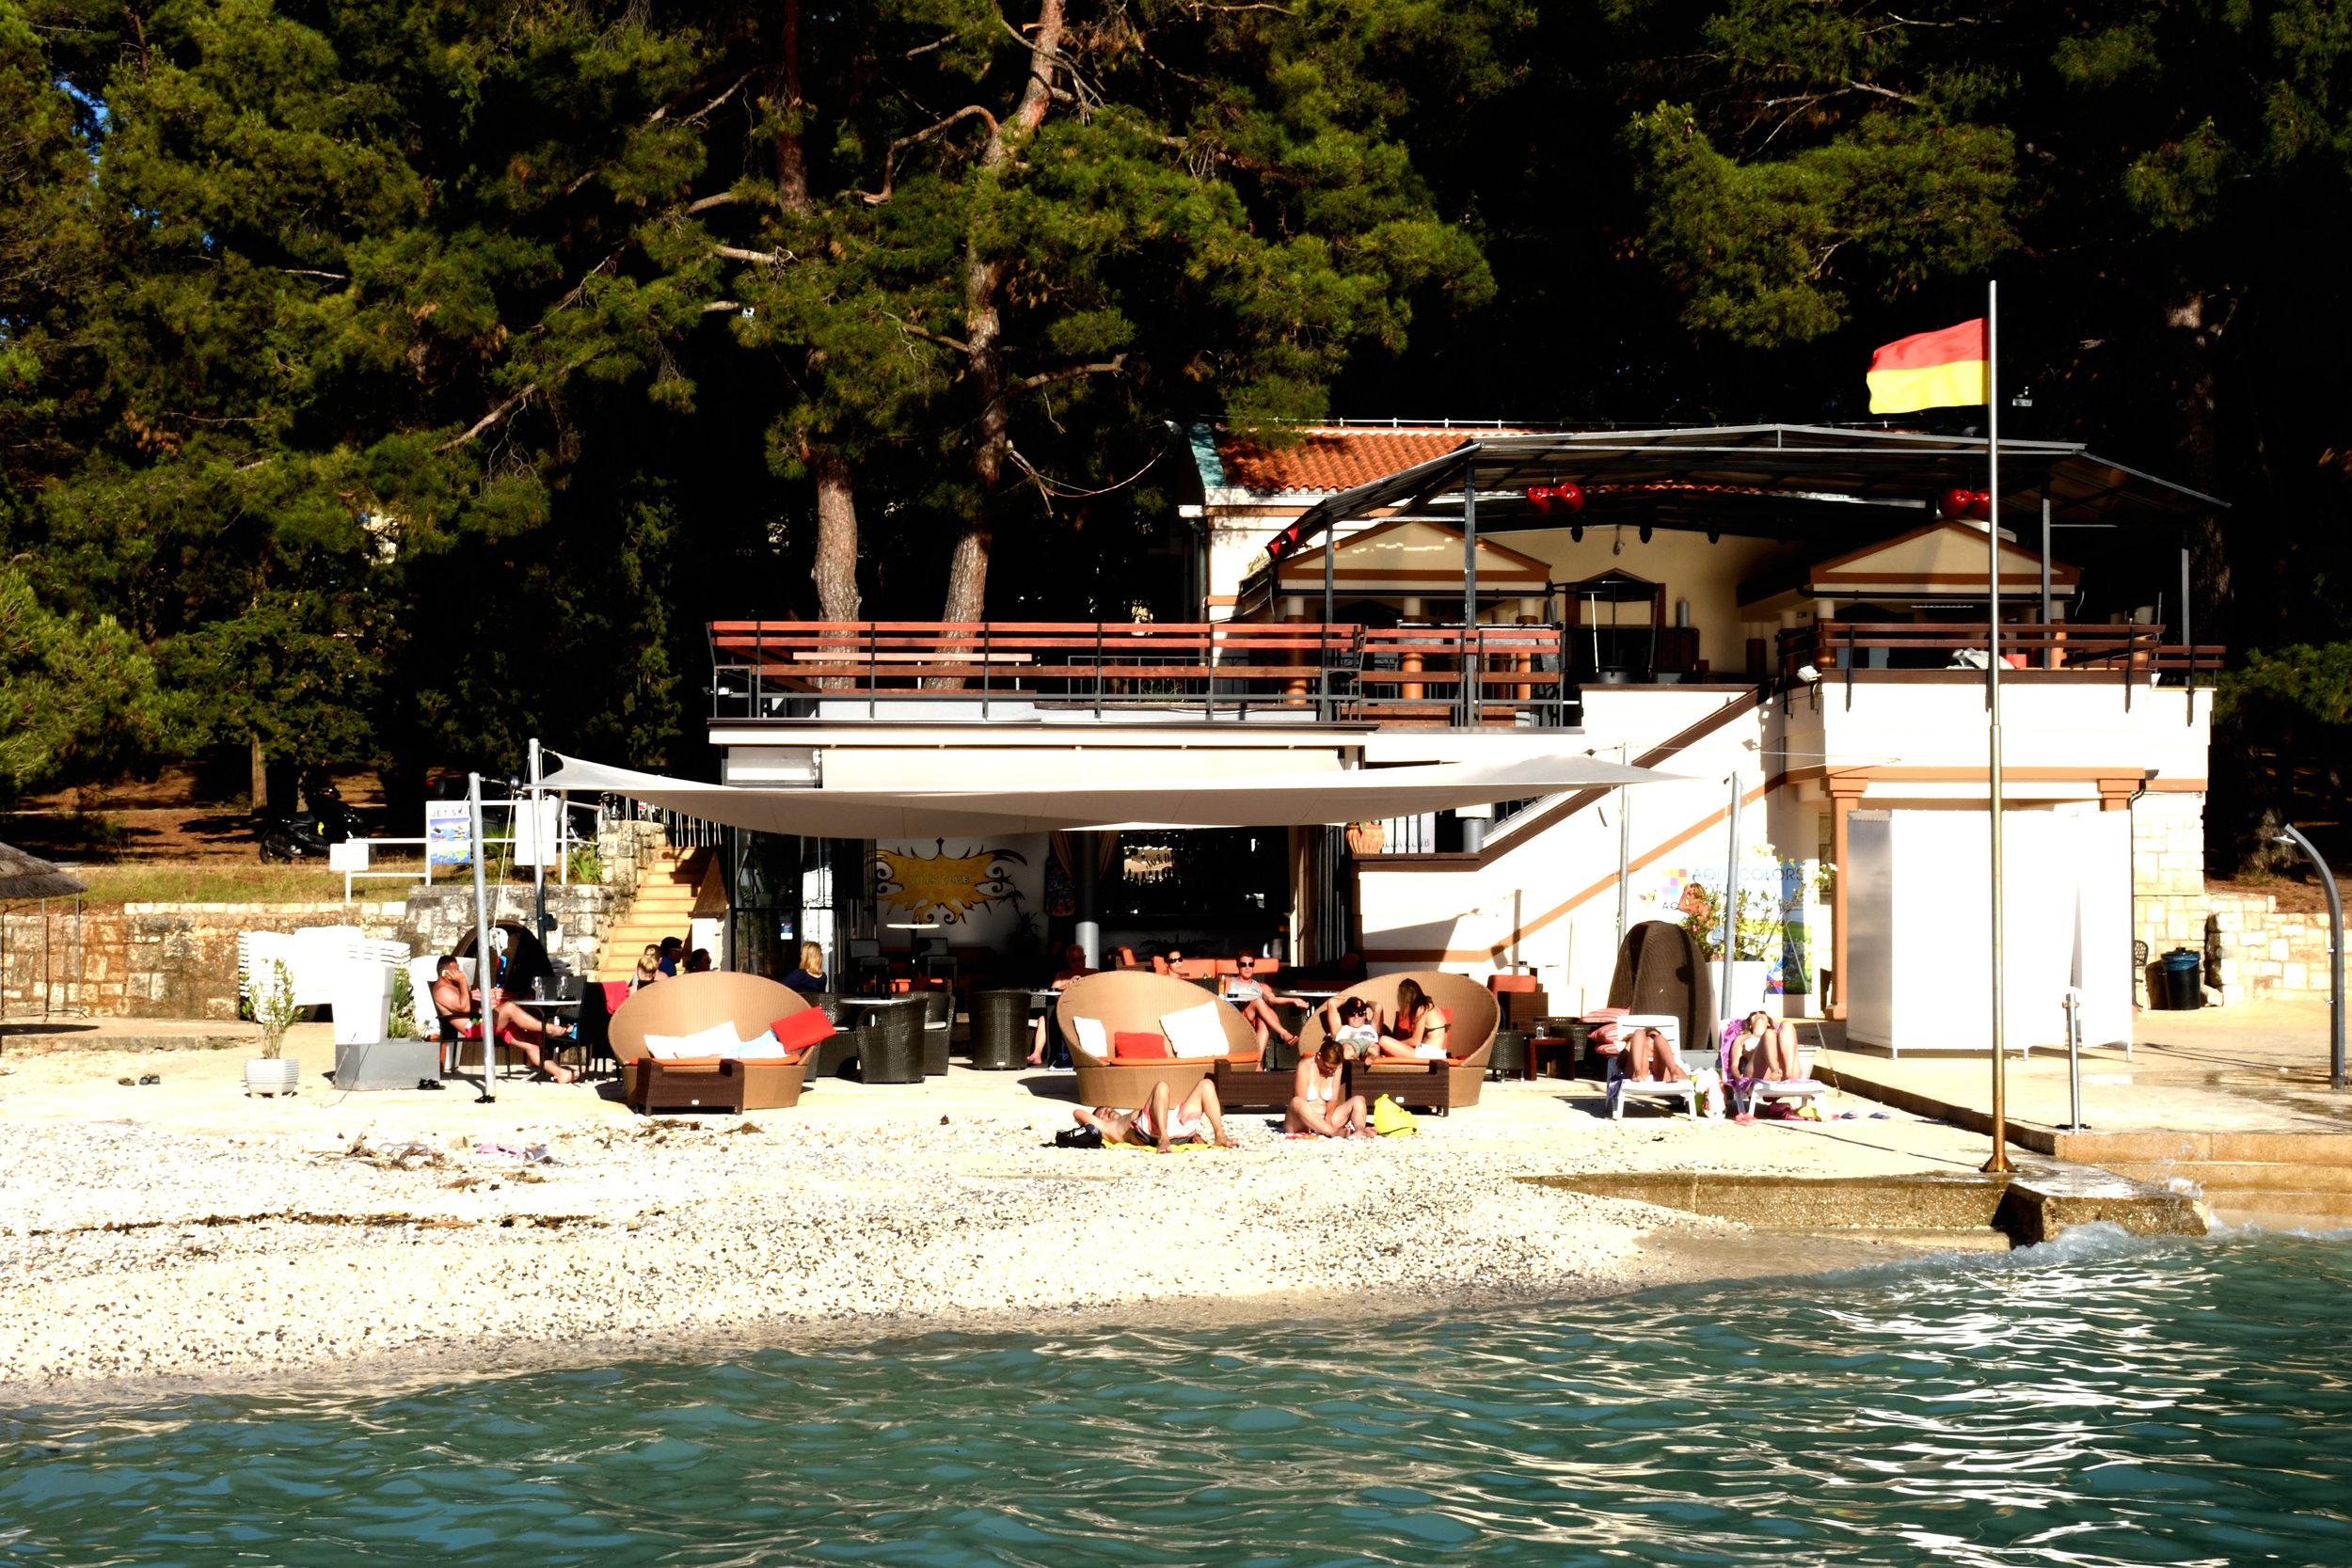 Villa Club, Porec Croatia July 2017